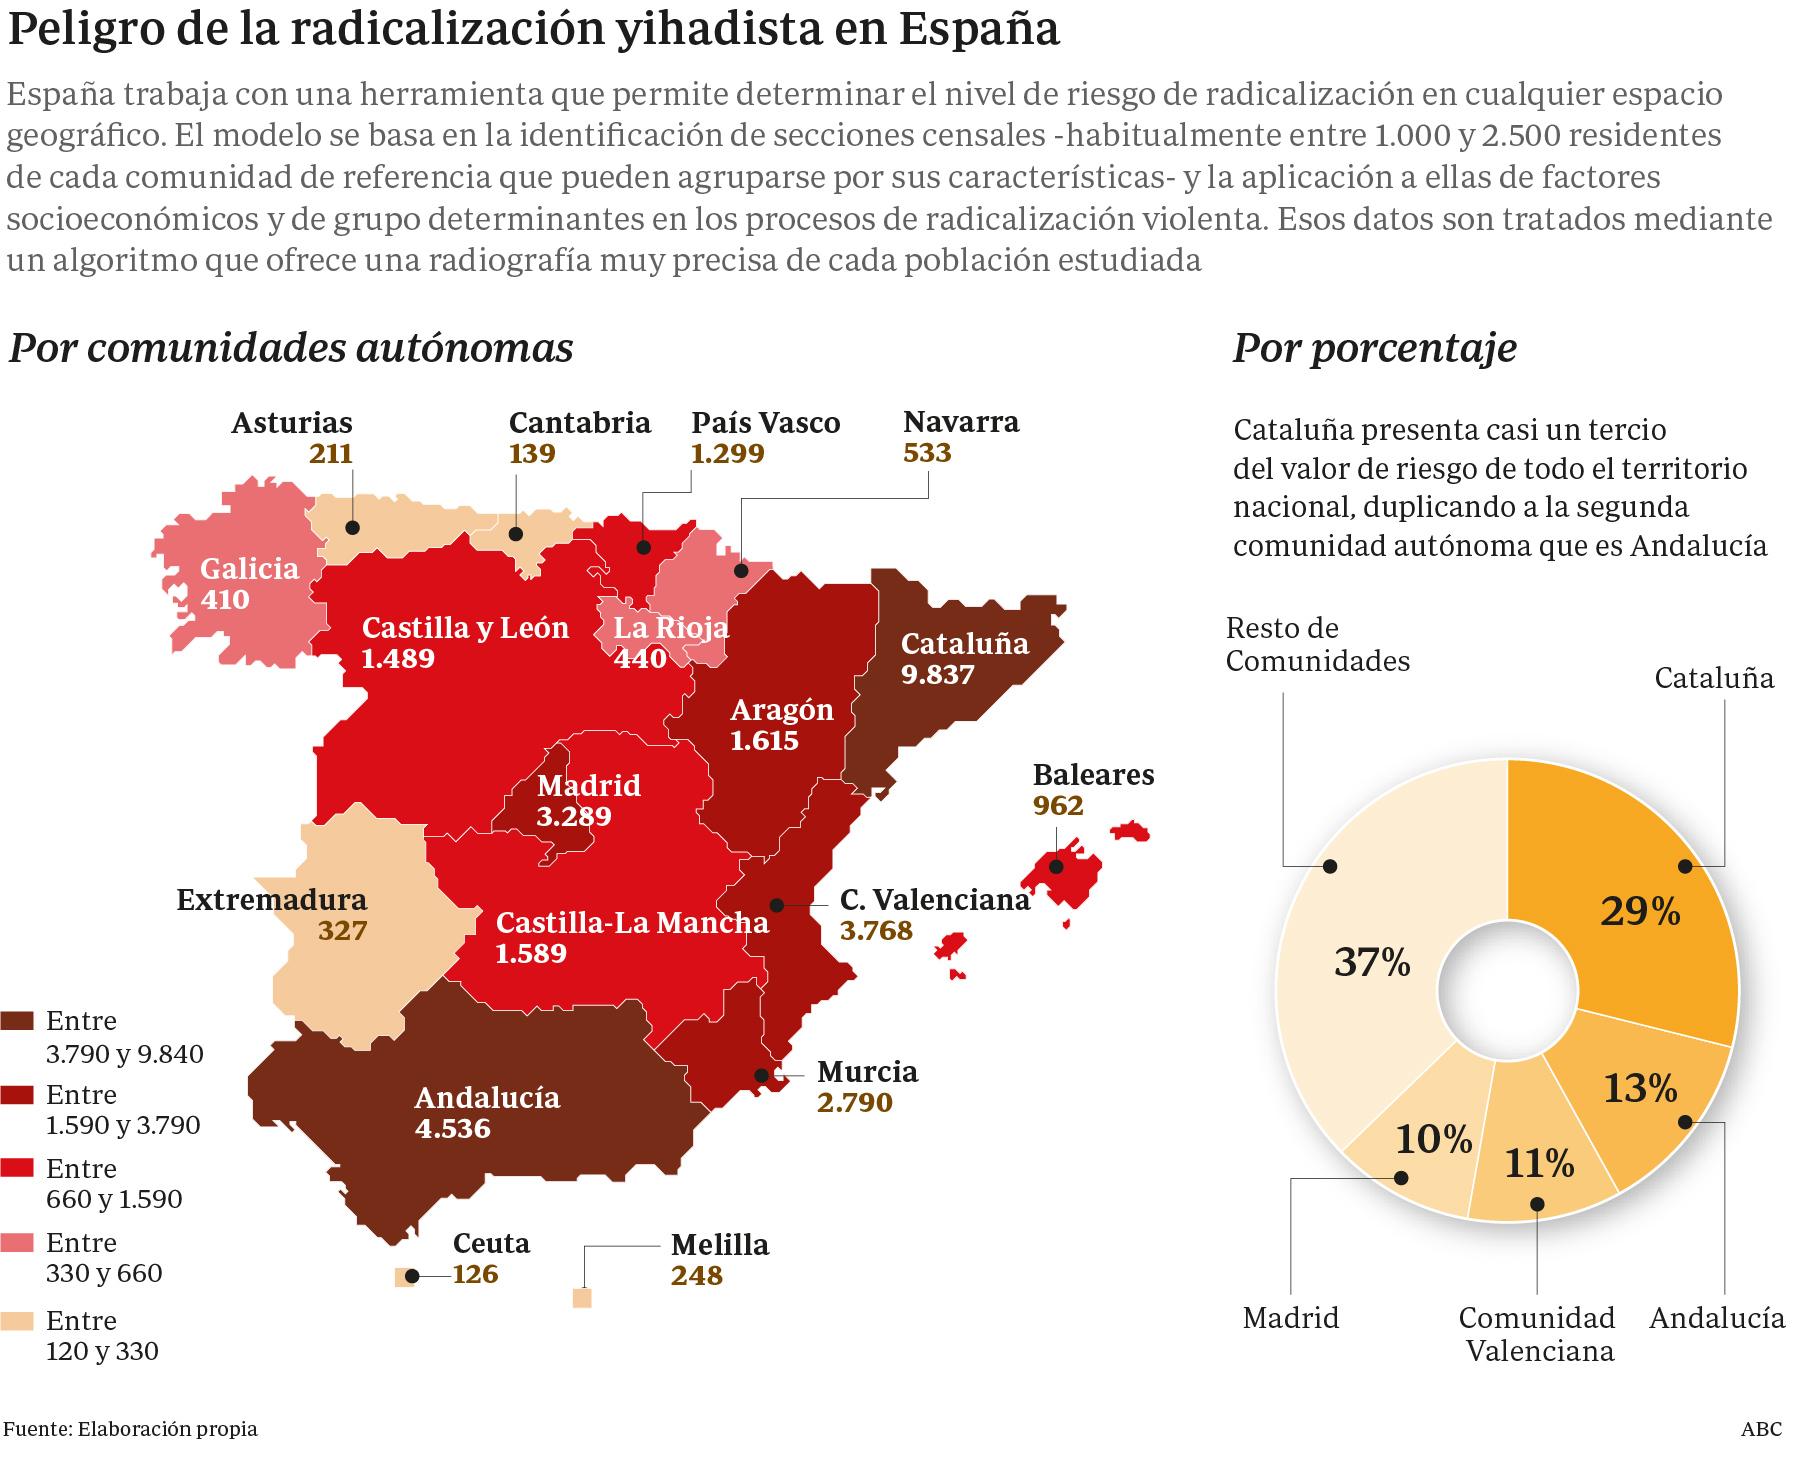 Cataluña es la comunidad con mayor riesgo de radicalización de musulmanes